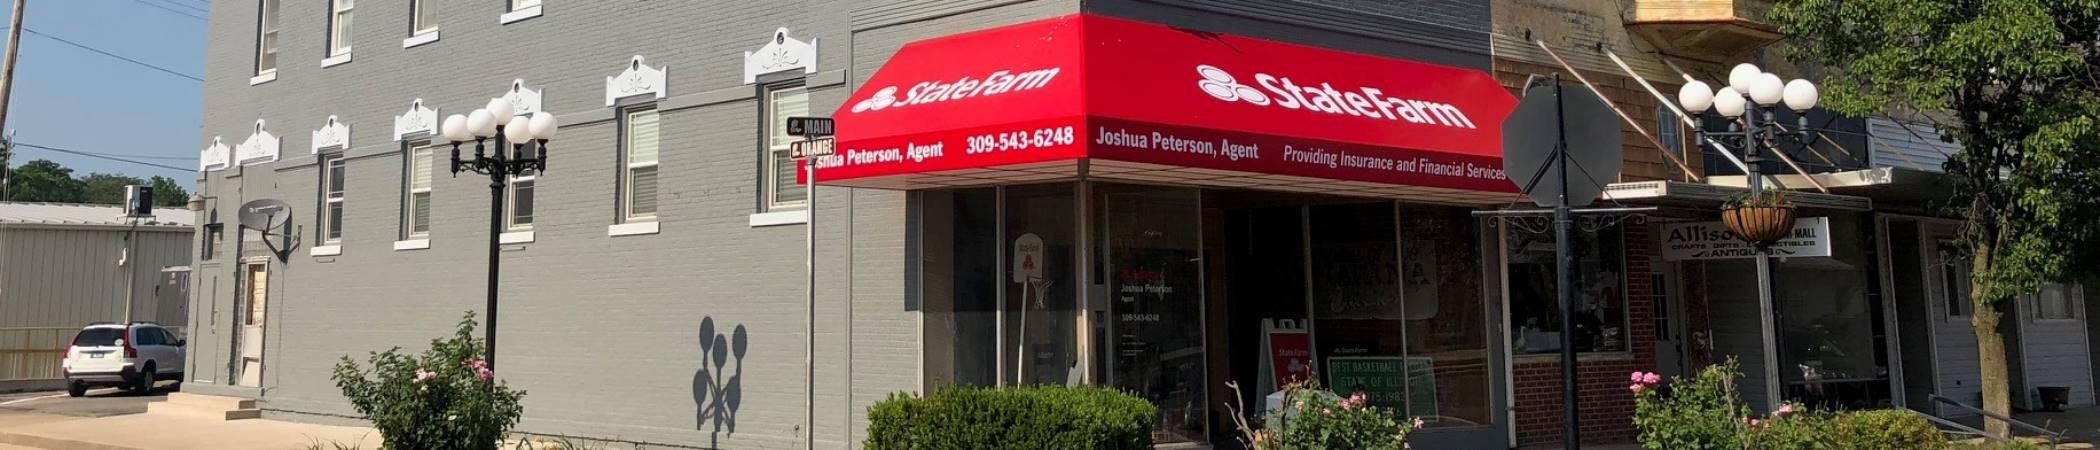 Joshua Peterson State Farm Insurance in Havana, IL | Home, Auto Insurance & more